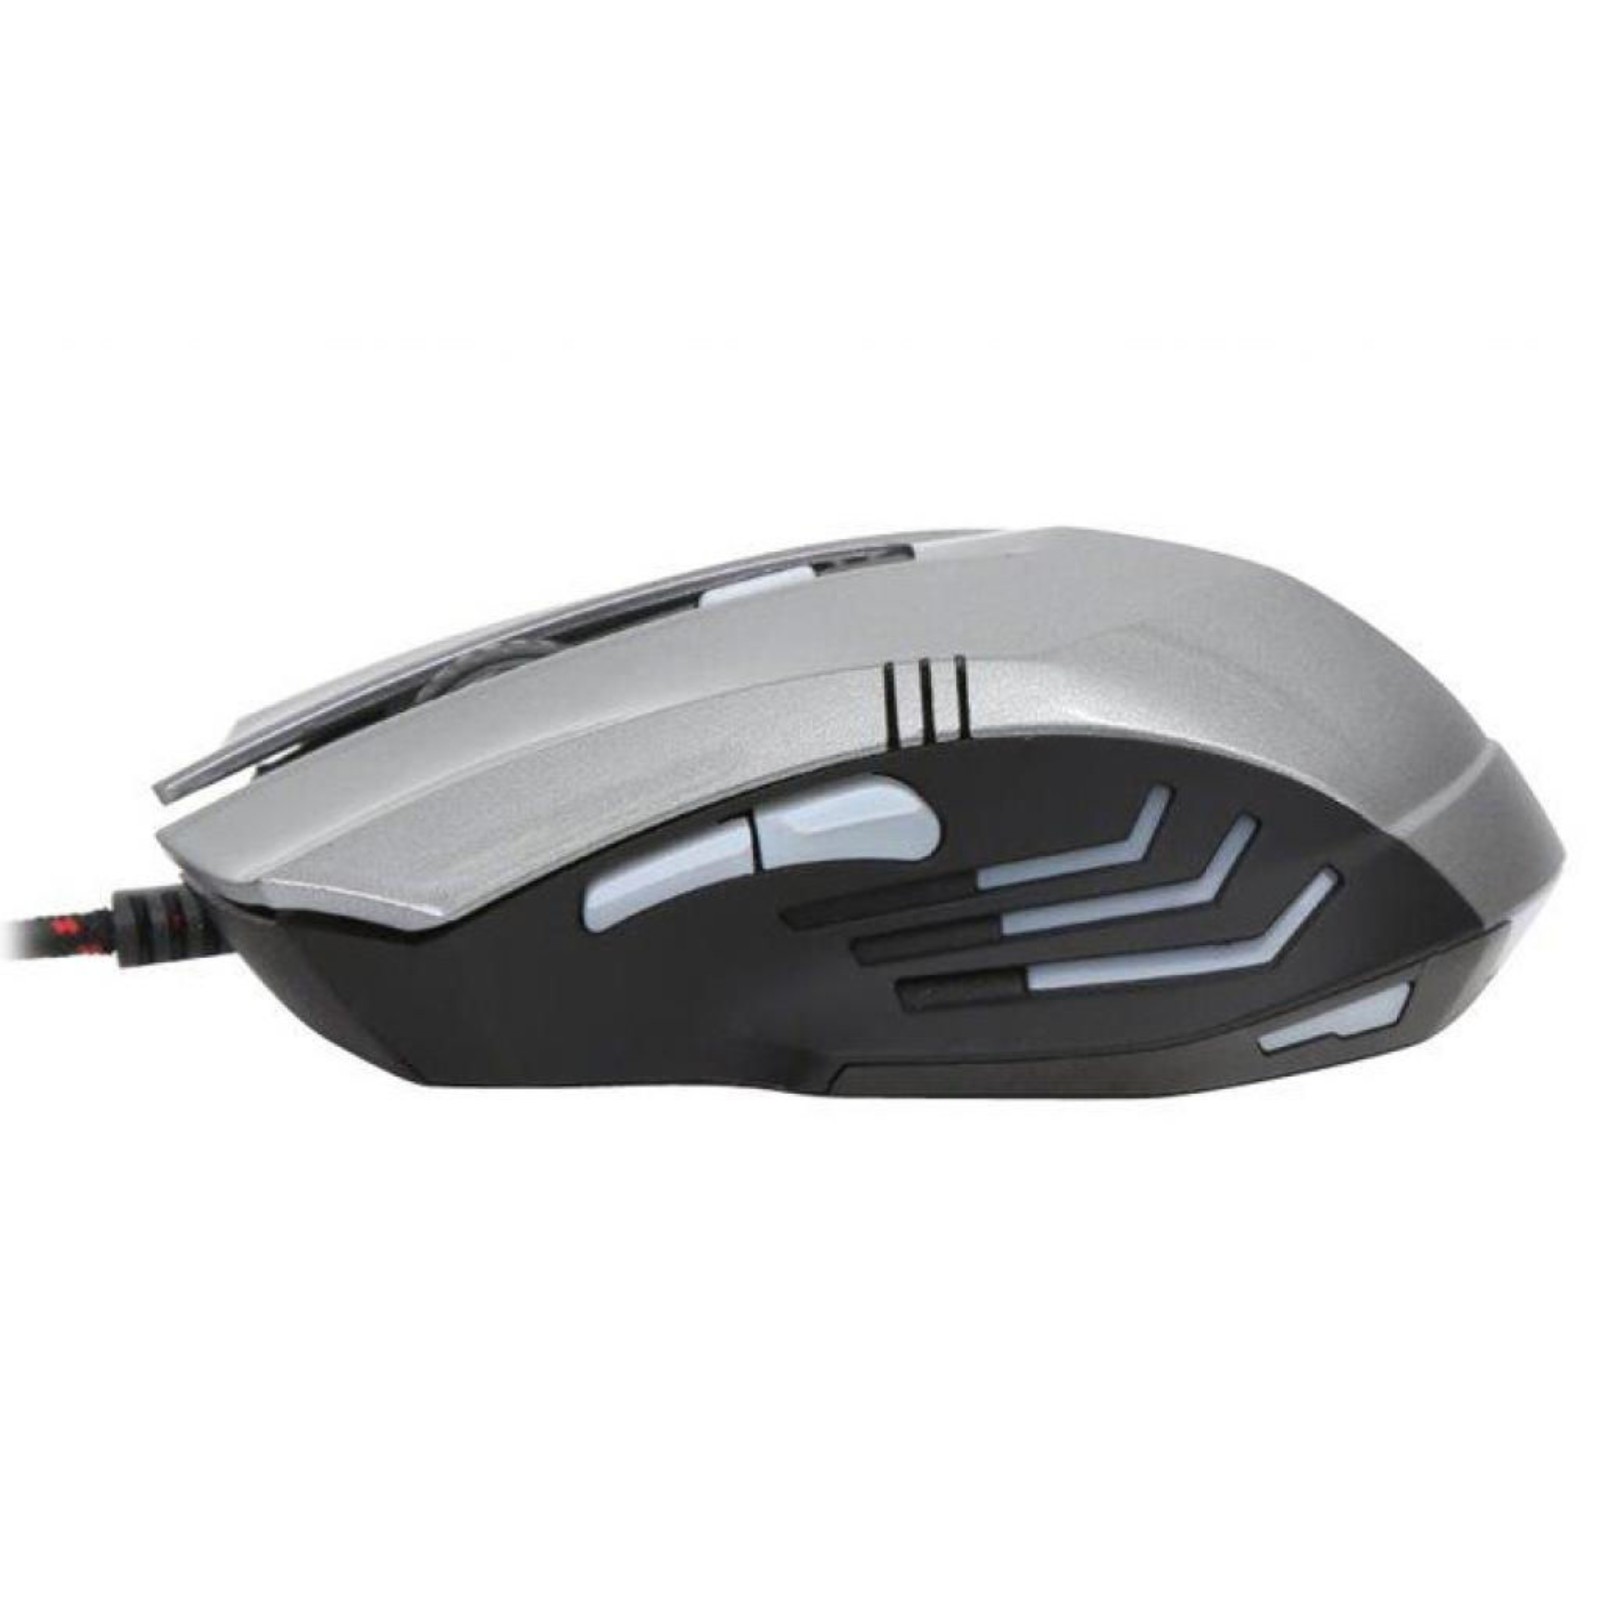 Мышка Omega VARR OM-267 Gaming (OM0267) изображение 3